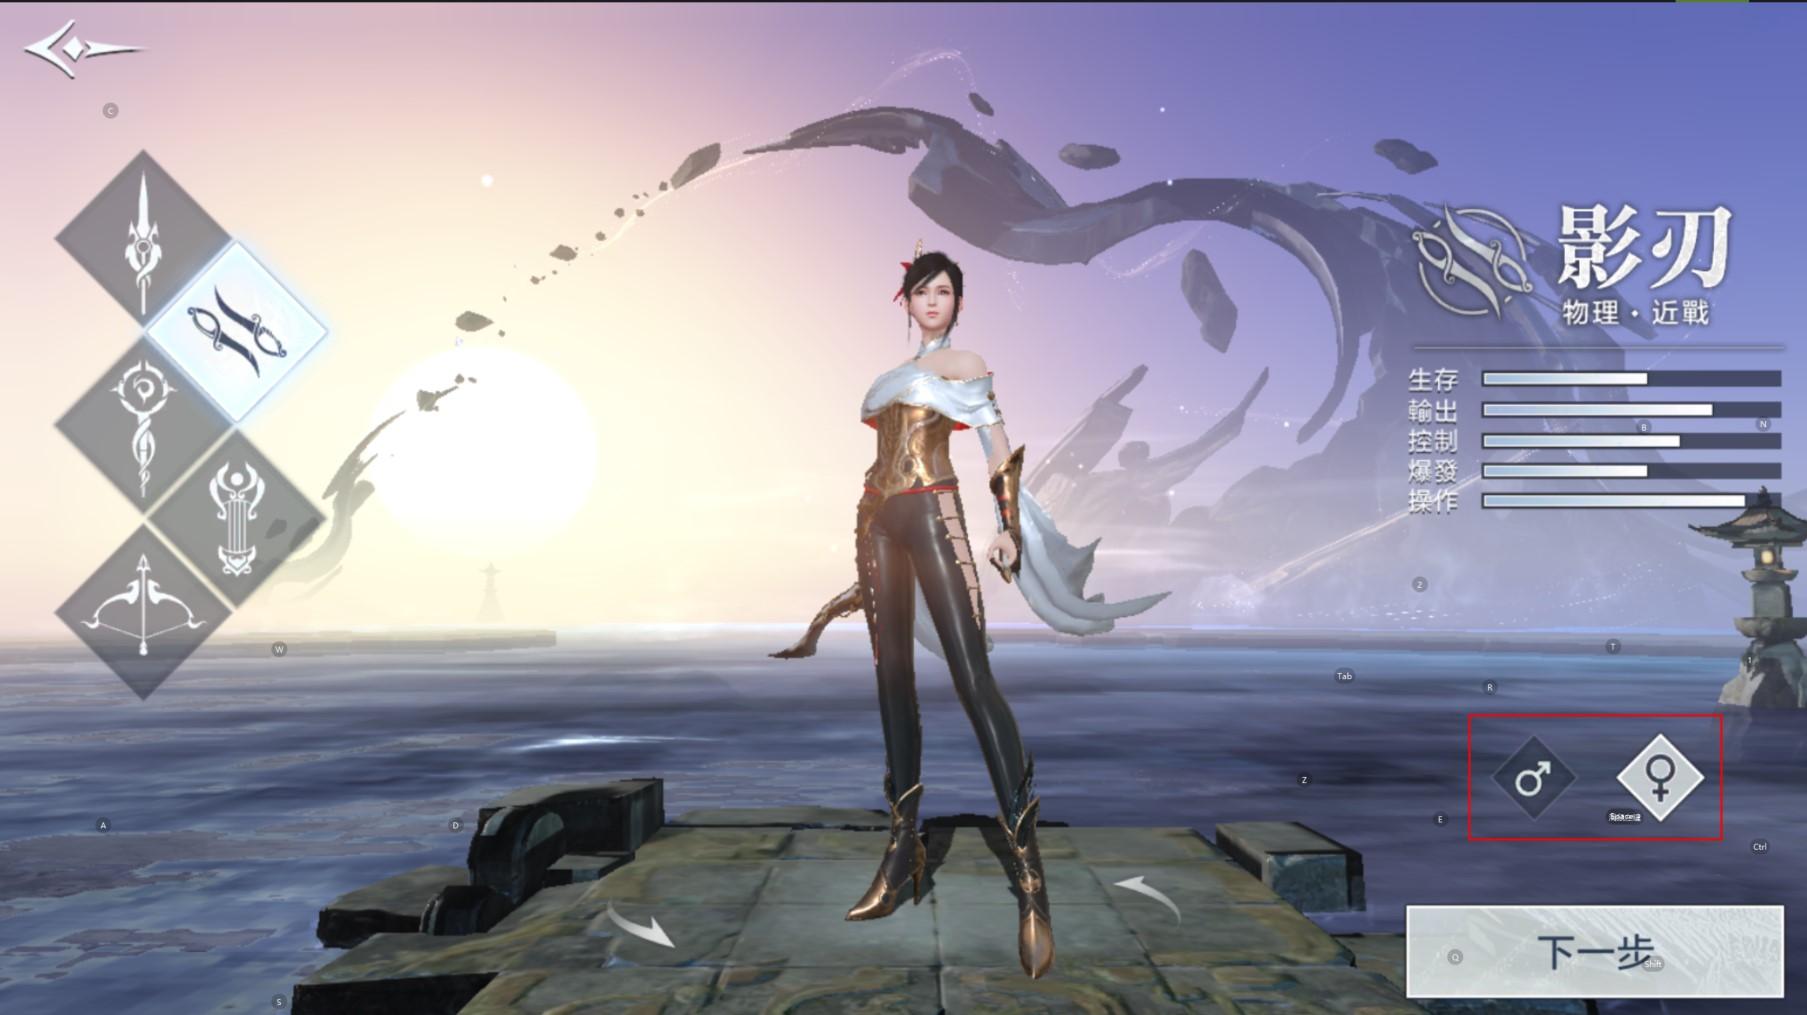 《雪鷹領主》遊戲介紹&配鍵介紹 – 夜神模擬器-在電腦上玩安卓手機遊戲的軟體–安卓遊戲電腦版